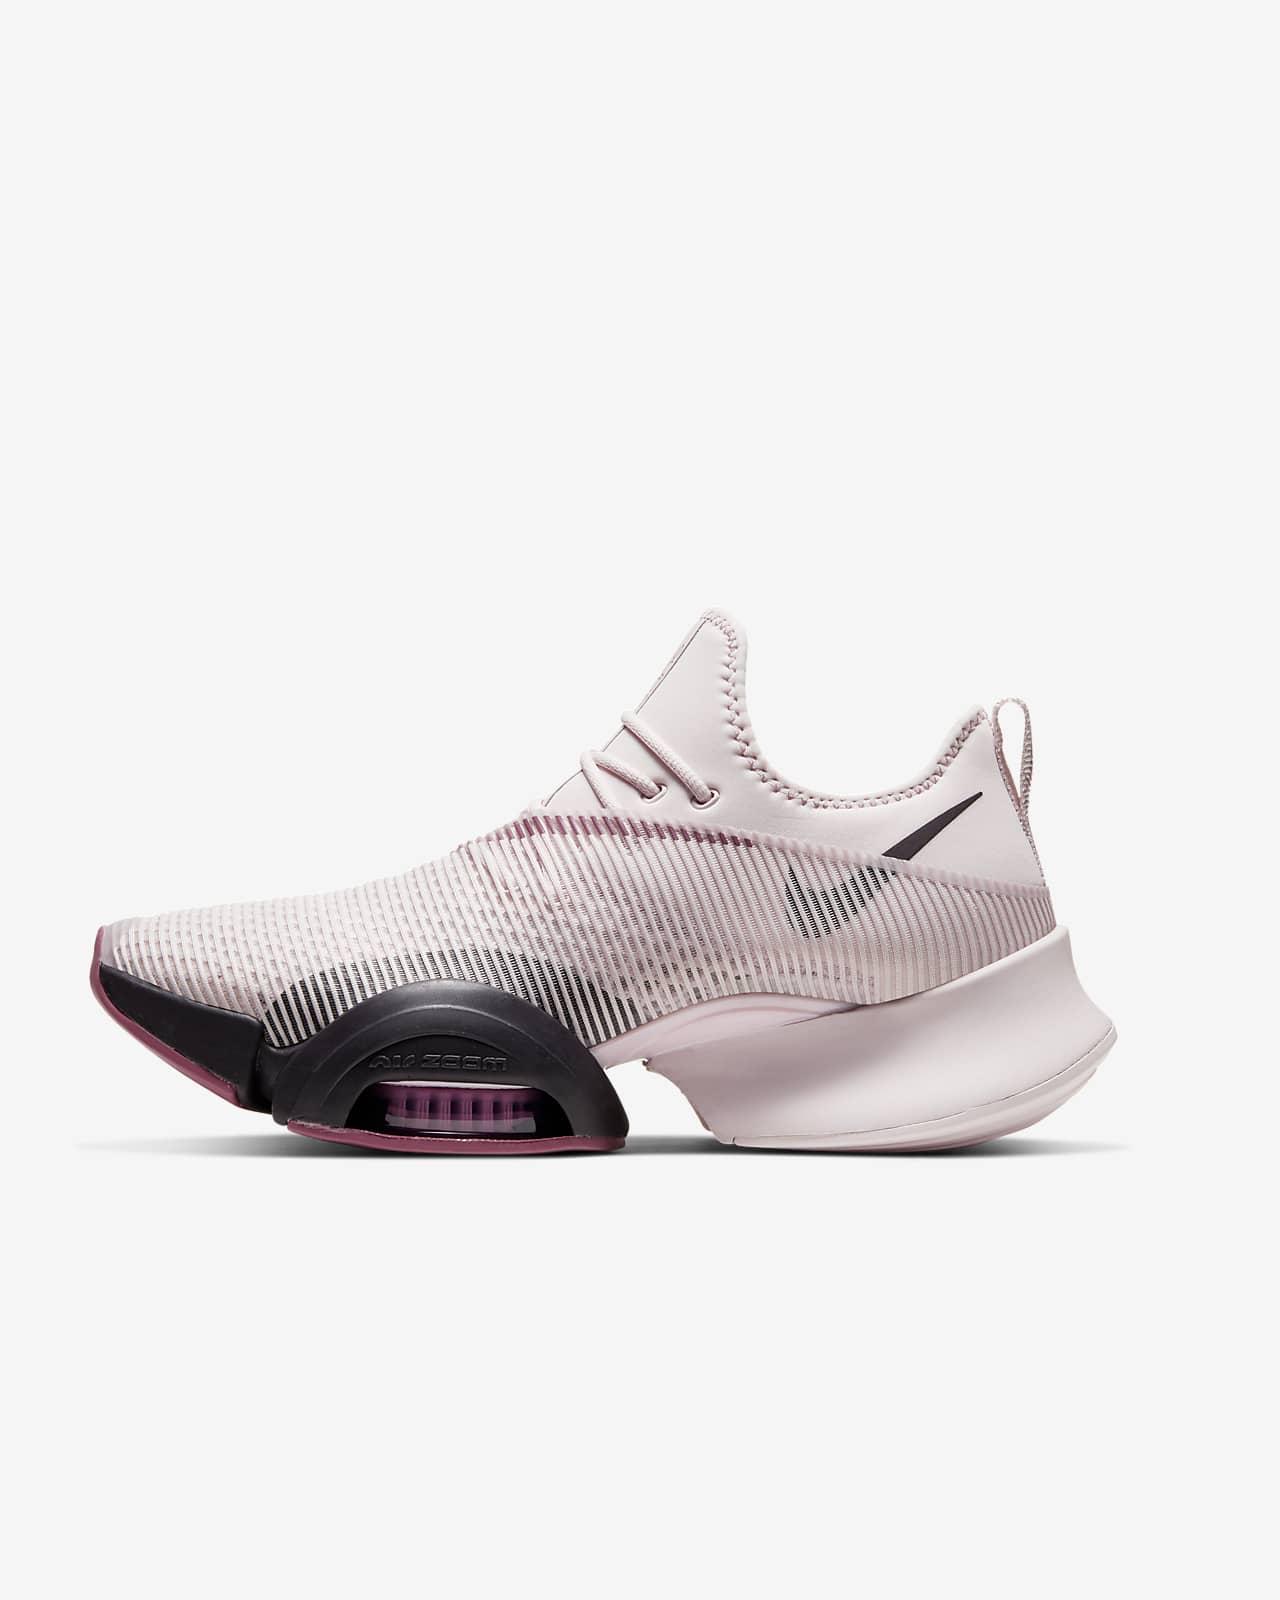 รองเท้าผู้หญิงสำหรับคลาส HIIT Nike Air Zoom SuperRep